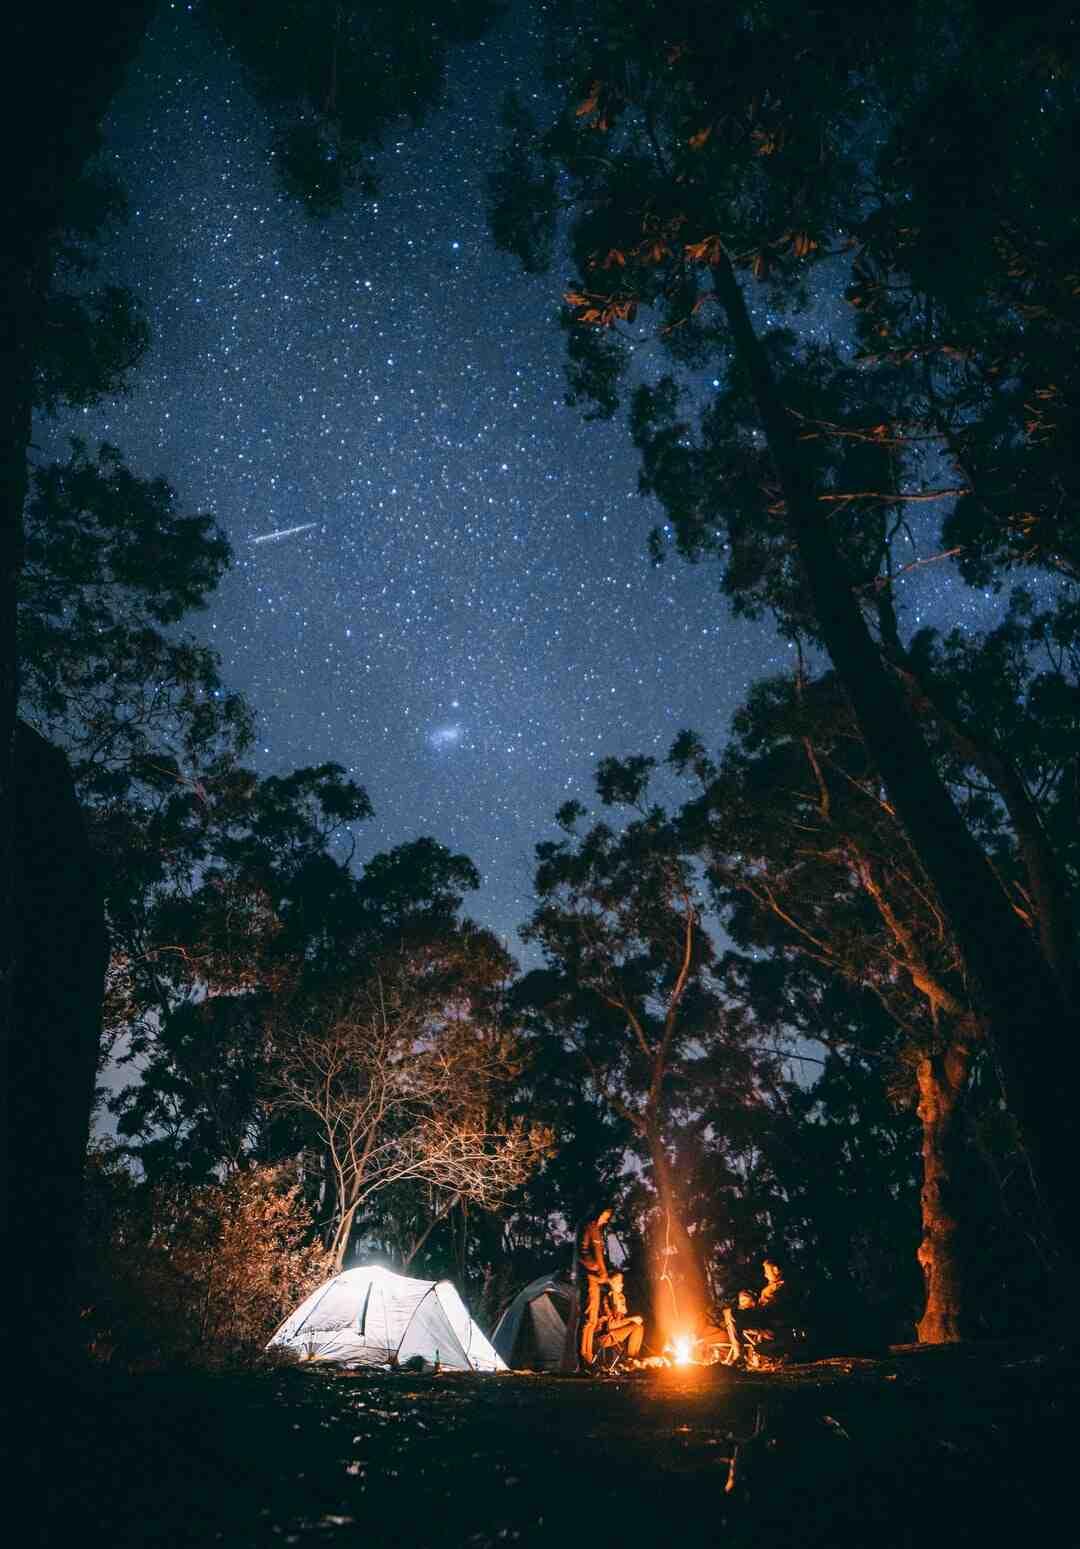 Comment faire dormir un bébé de 1 an dans un camping-car ?